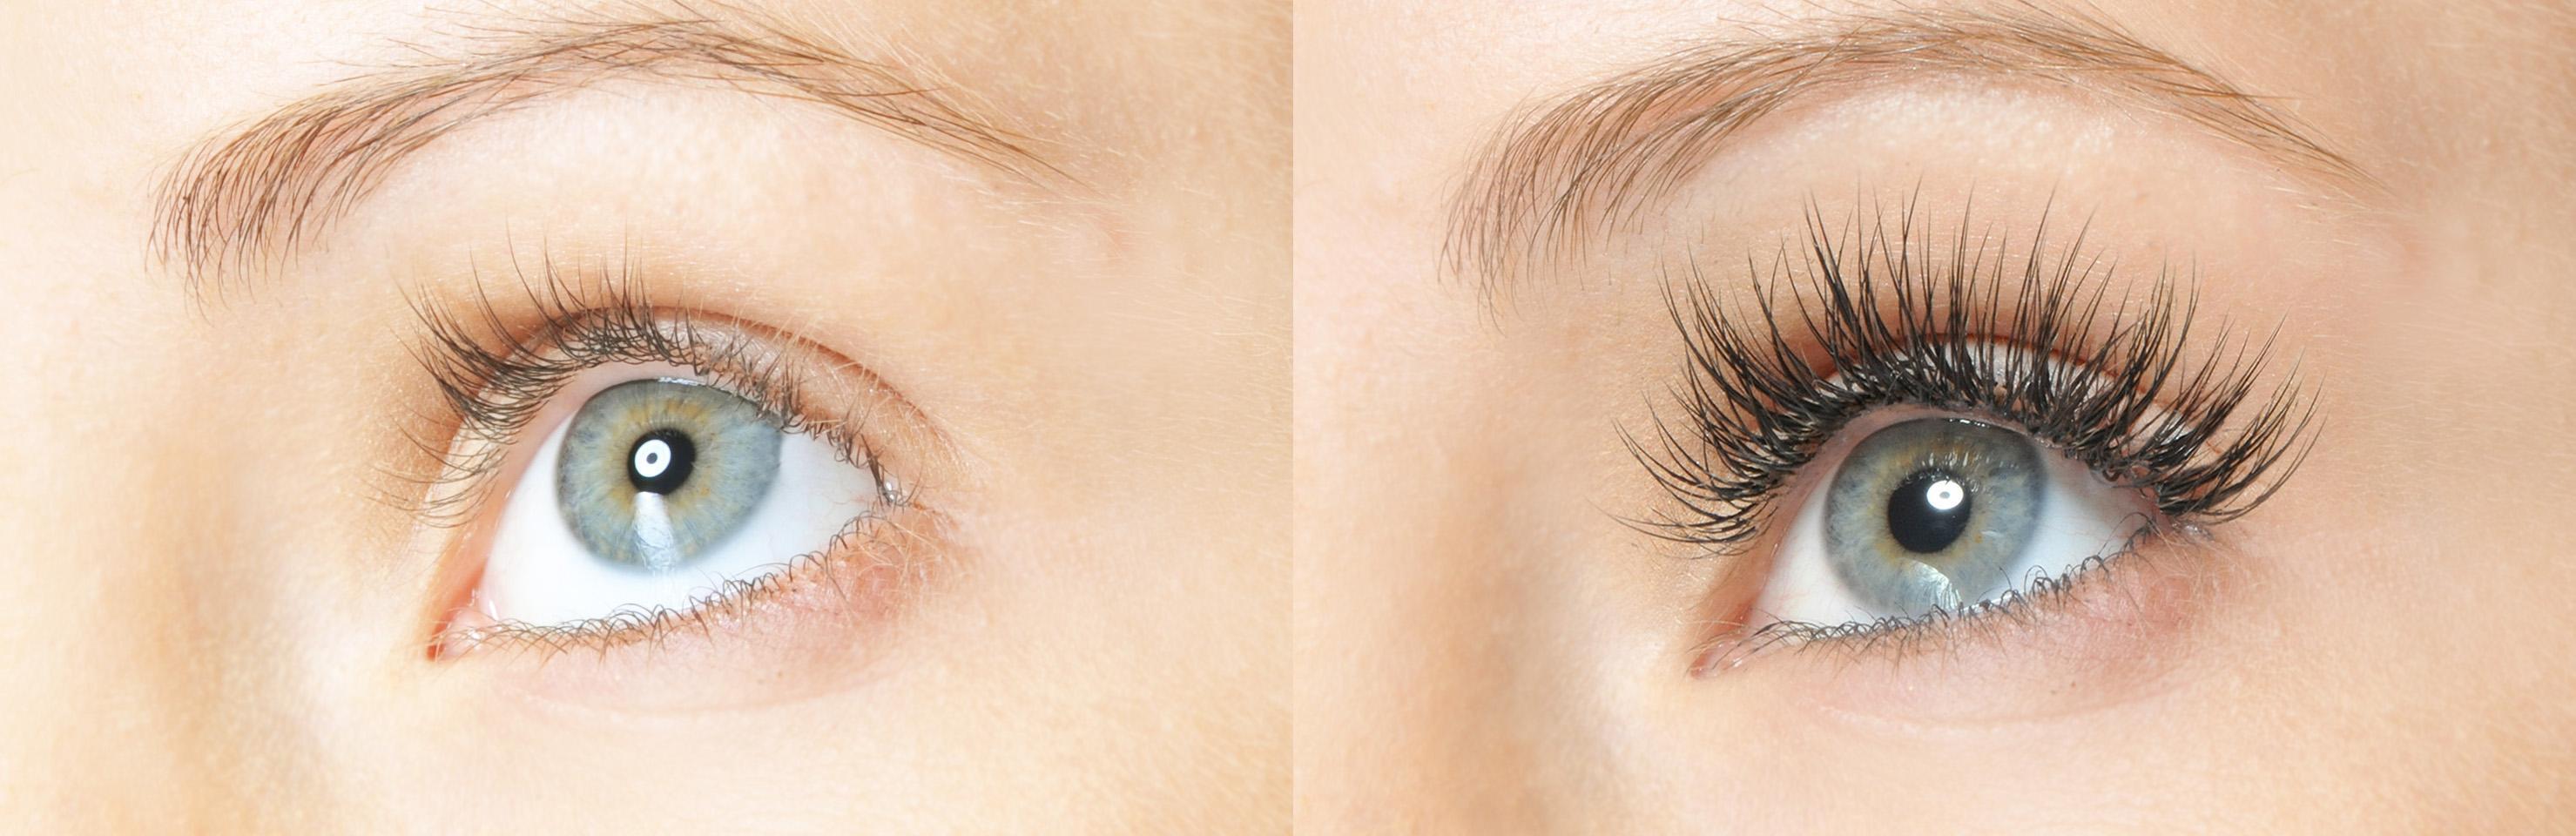 eyelashtintorext